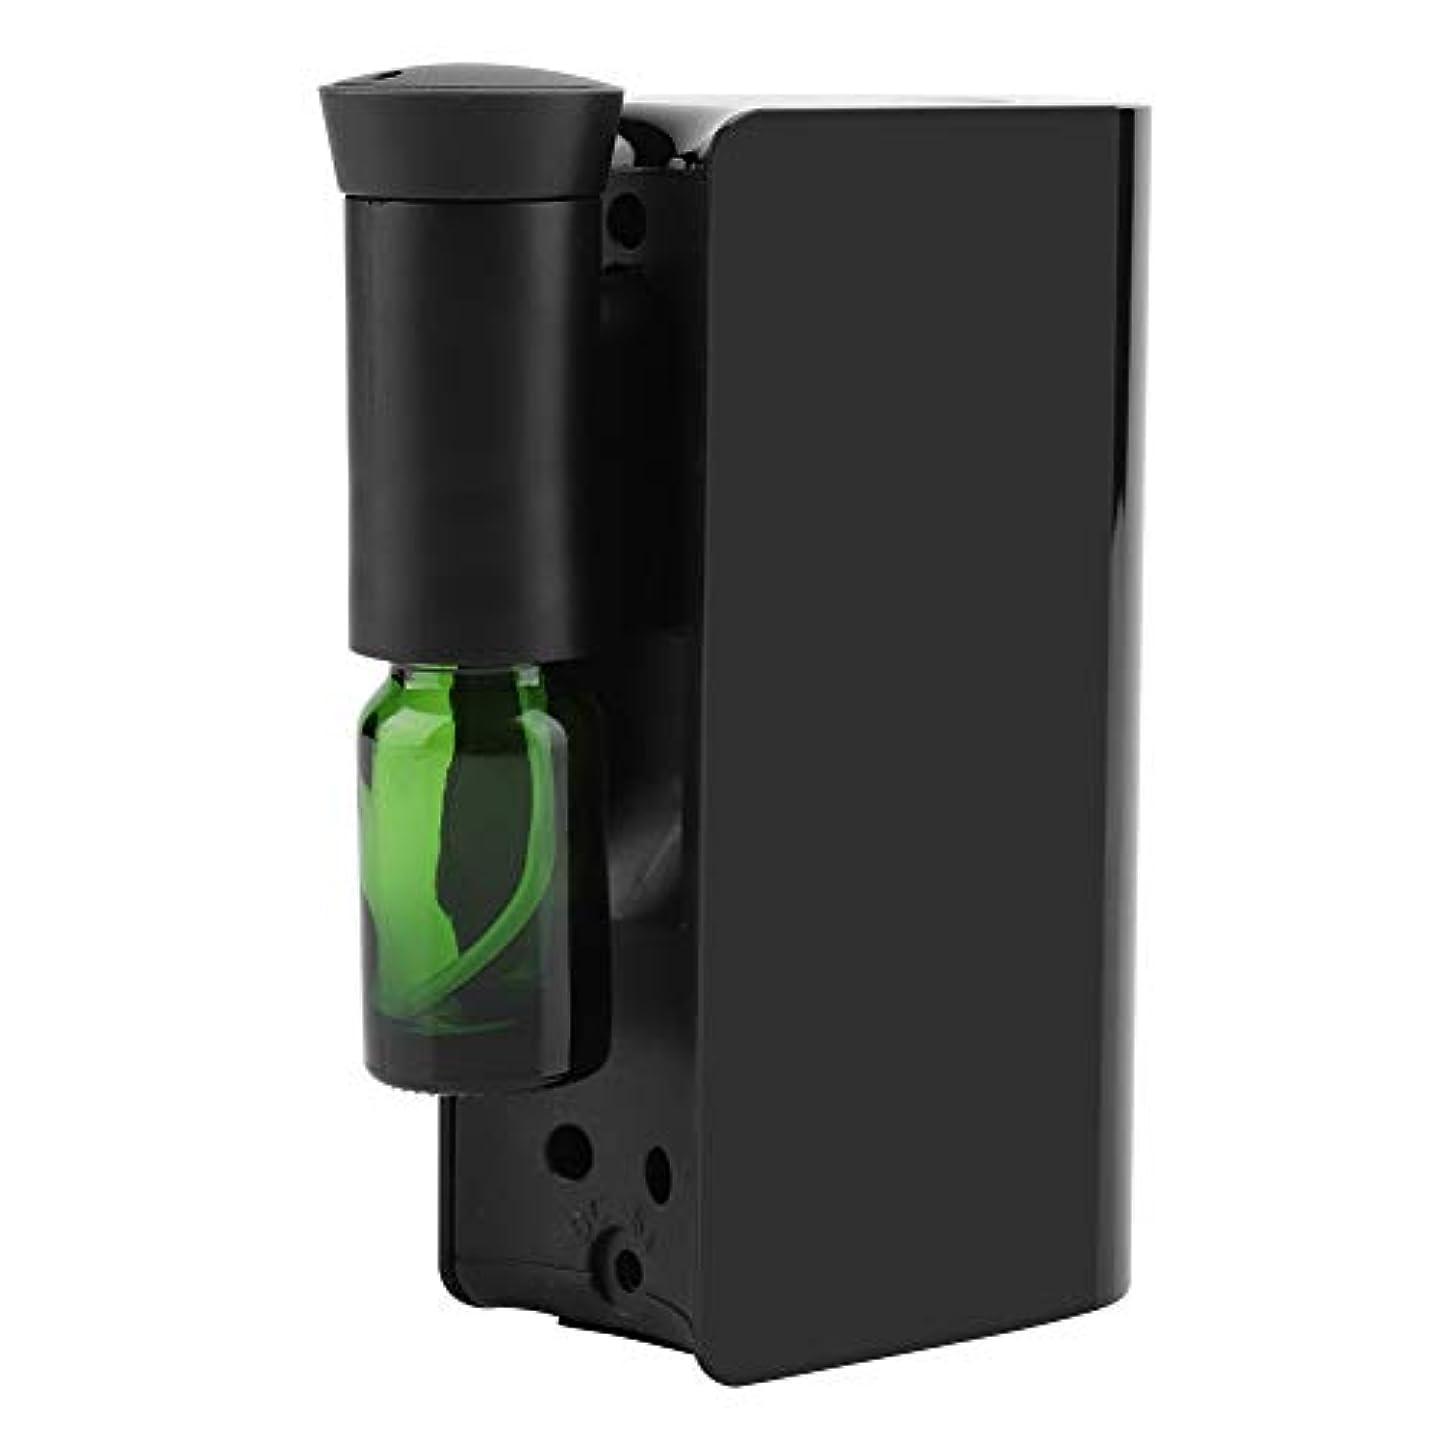 パイプライン相反する慢なエッセンシャルオイルディフューザー、100ml USB充電式クールミスト加湿器アロマオイル加湿器気化器アロマディフューザー(ブラック)